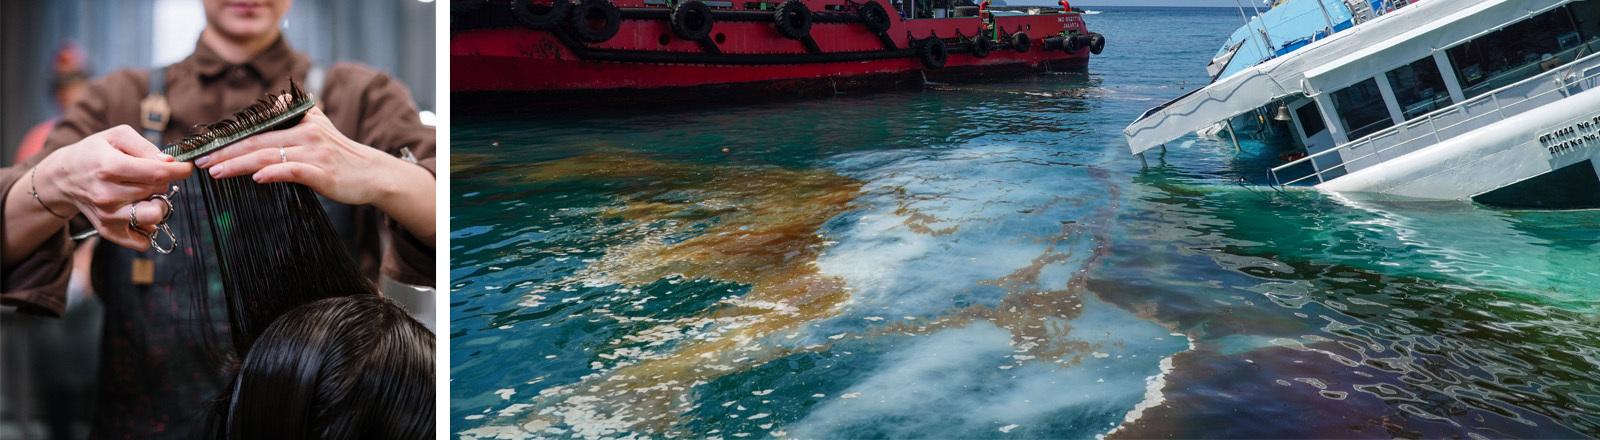 Ölteppich auf dem Meer